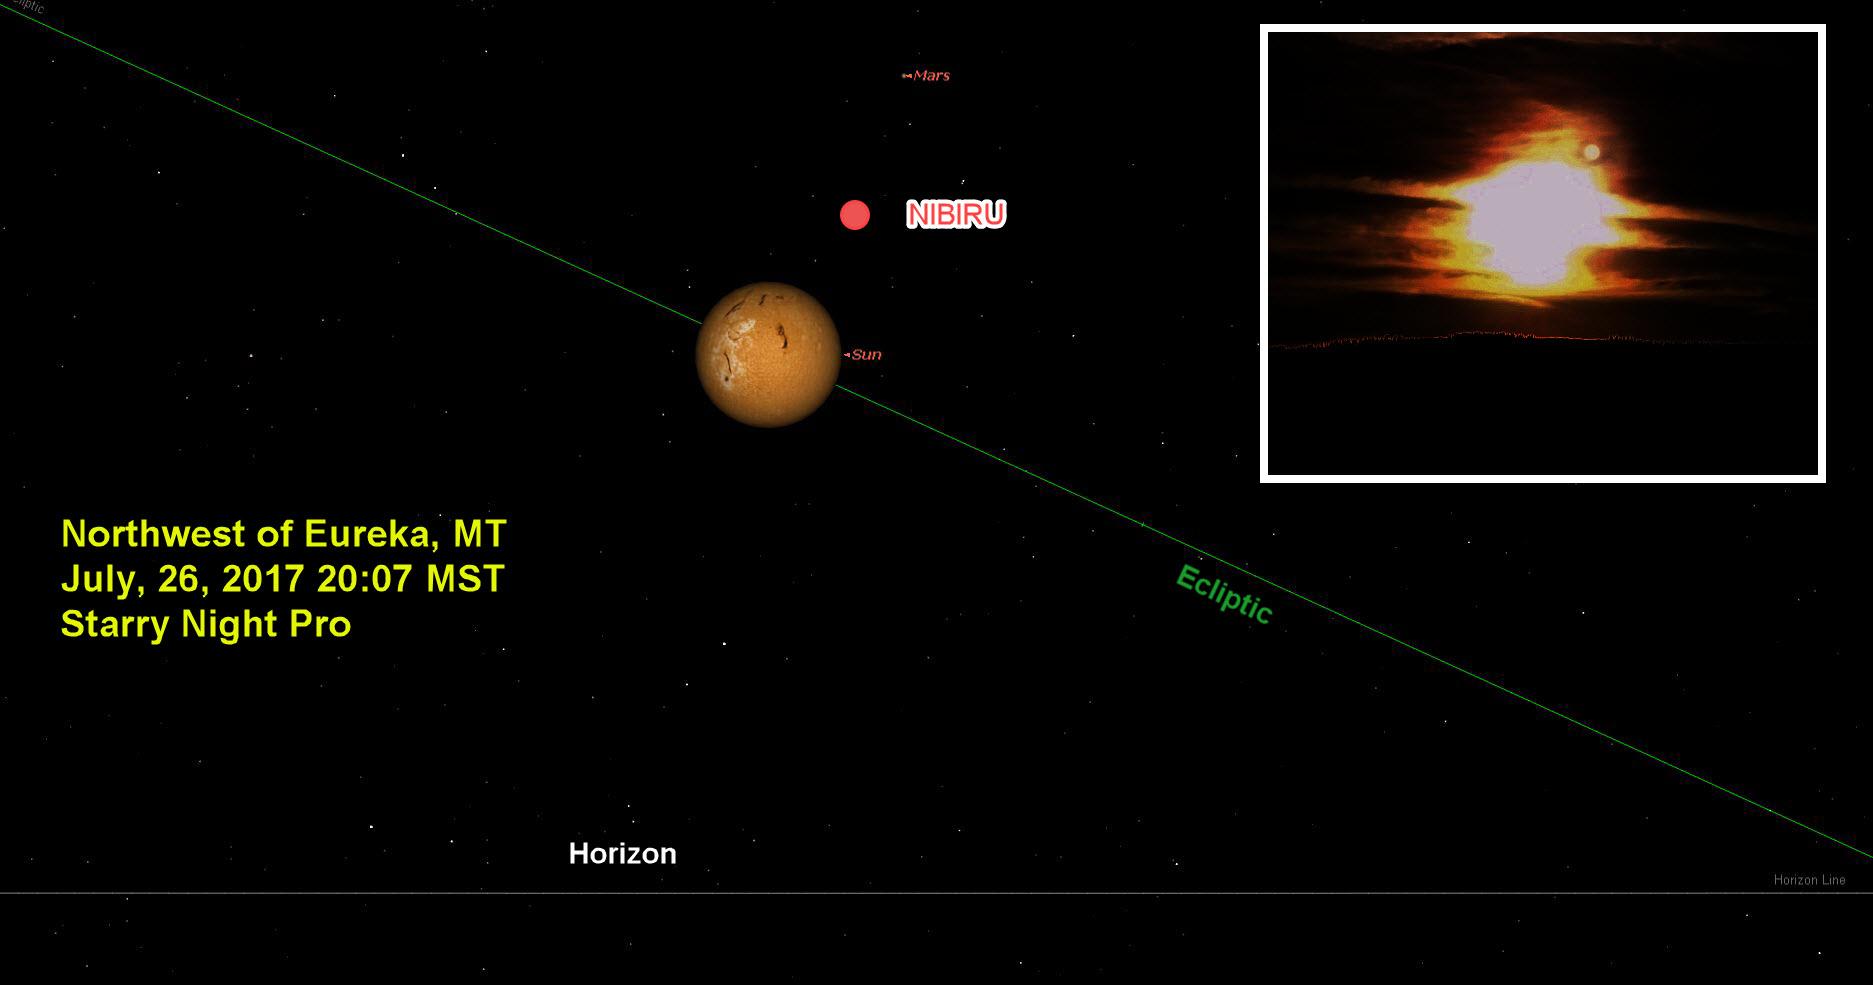 planets nov 17 2017 - photo #35